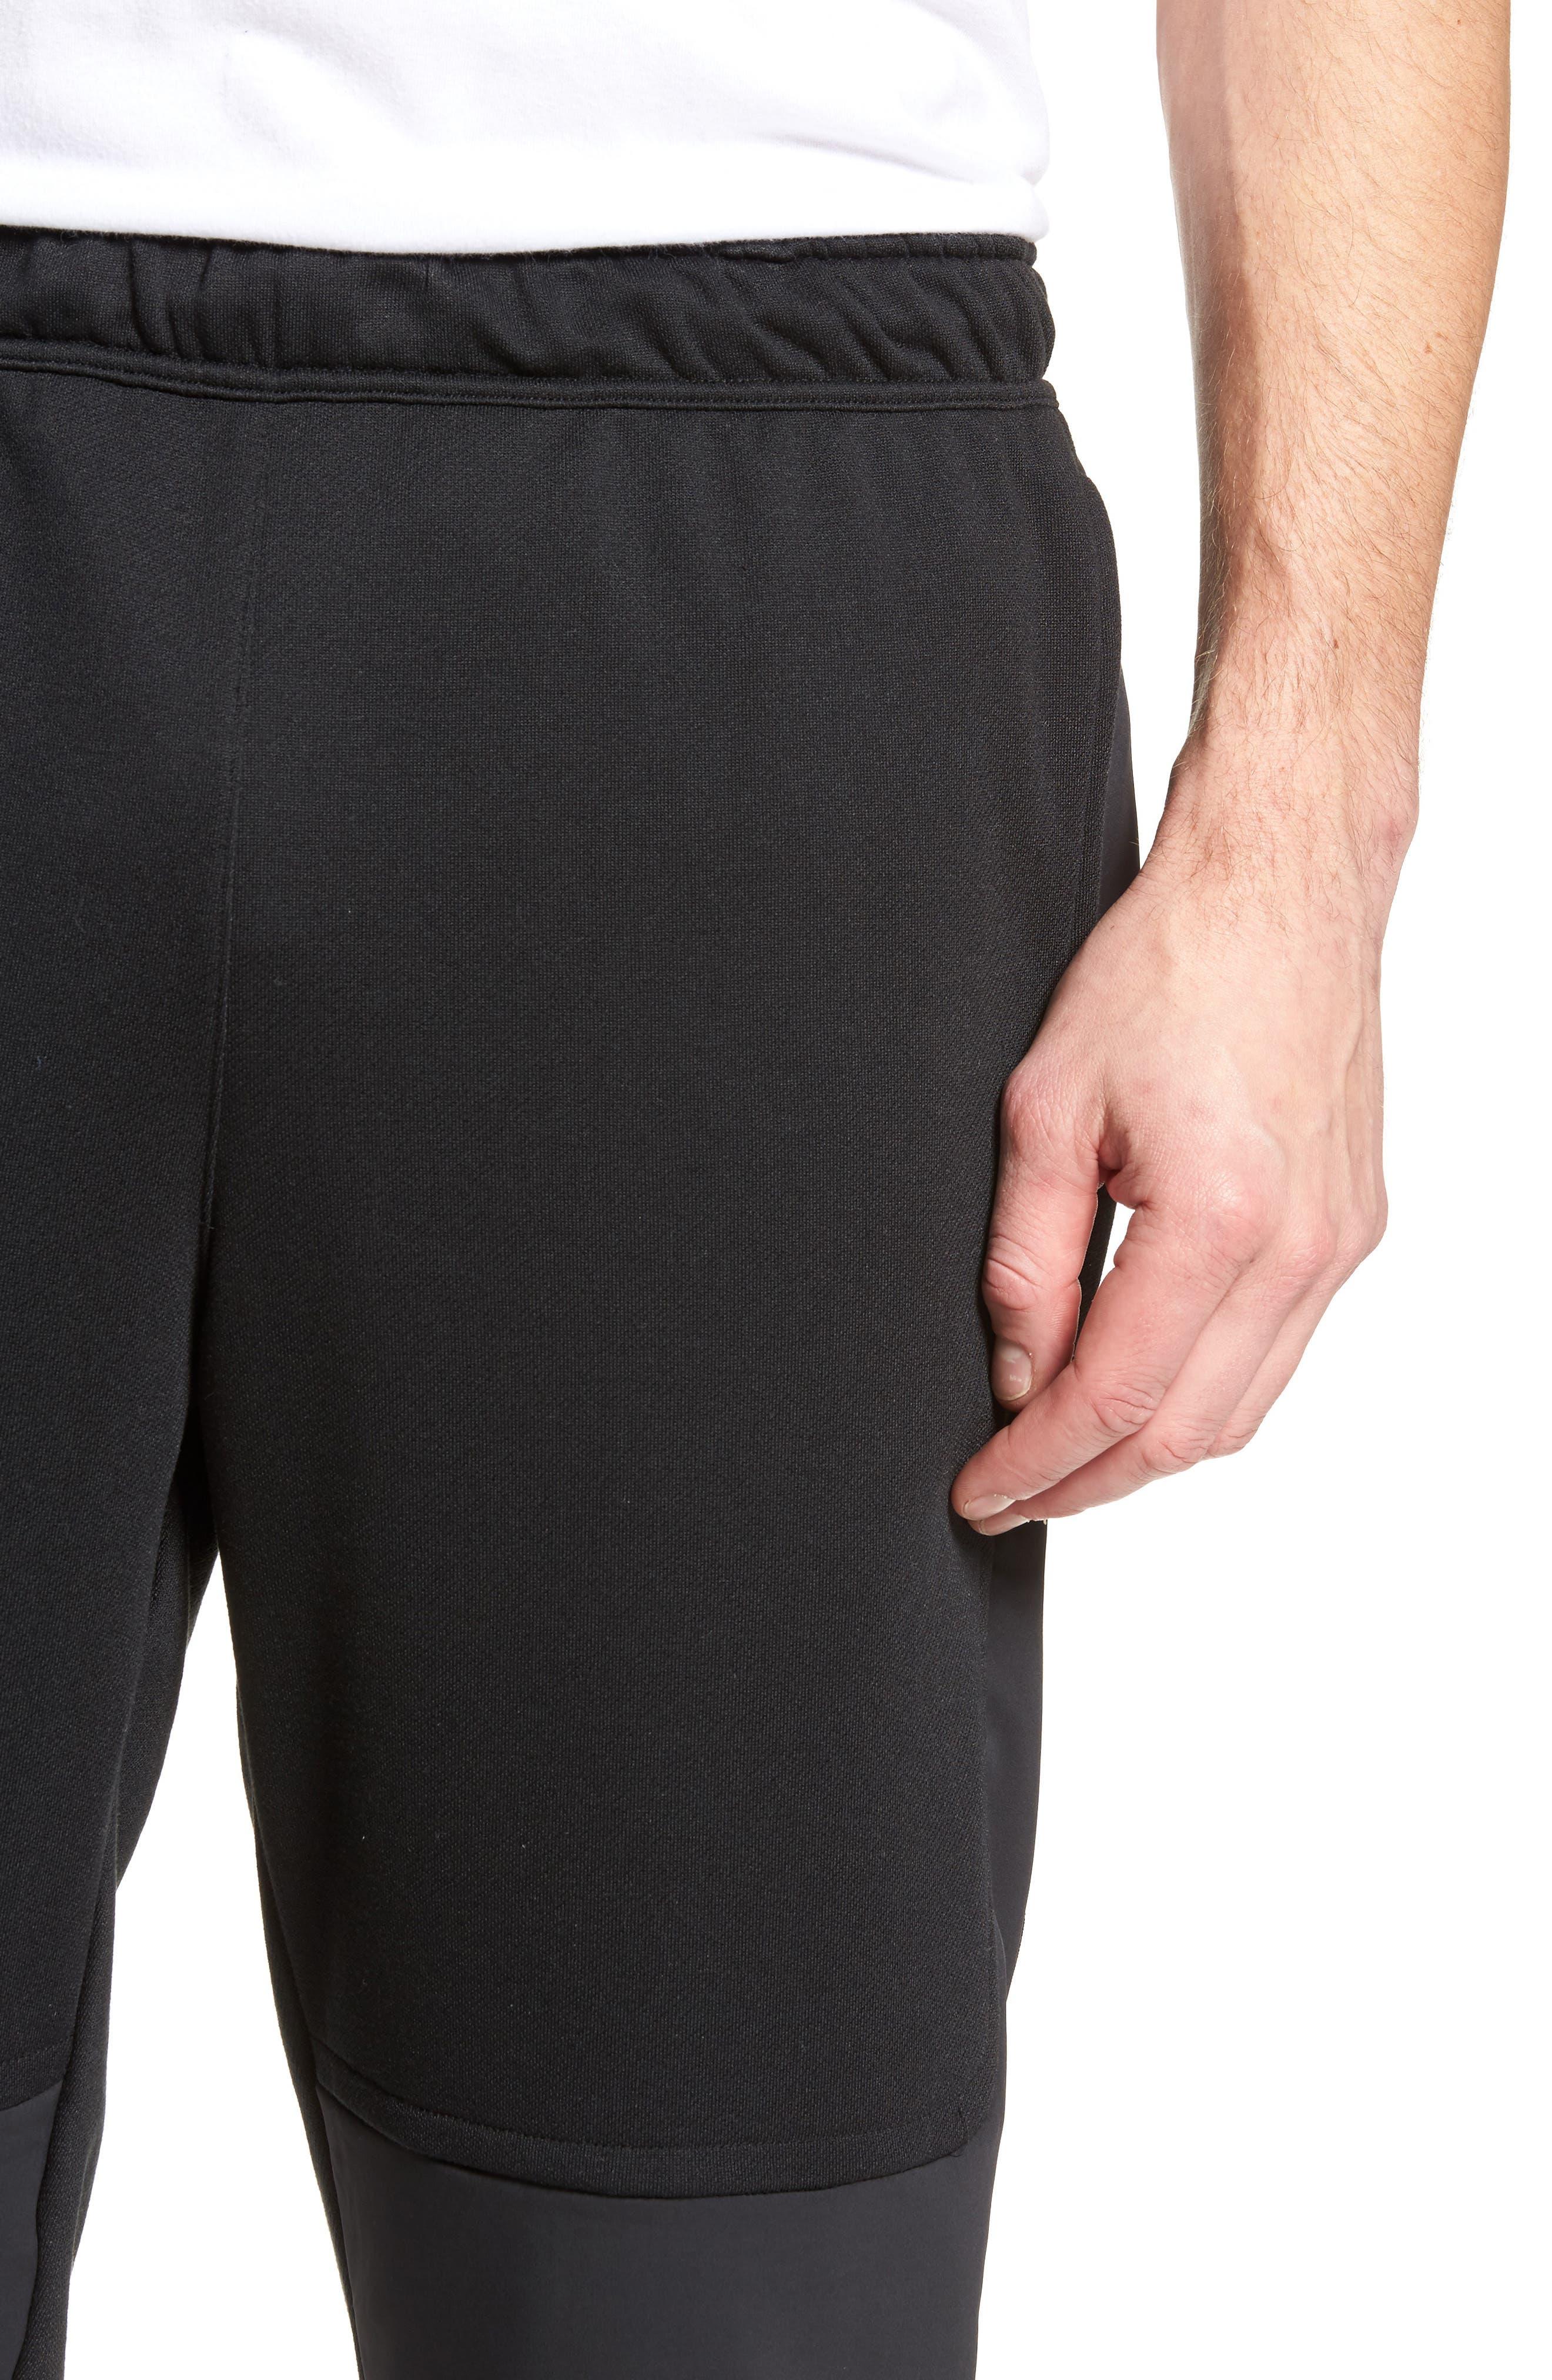 Training Project X Jogger Pants,                             Alternate thumbnail 4, color,                             Black/ Black/ White